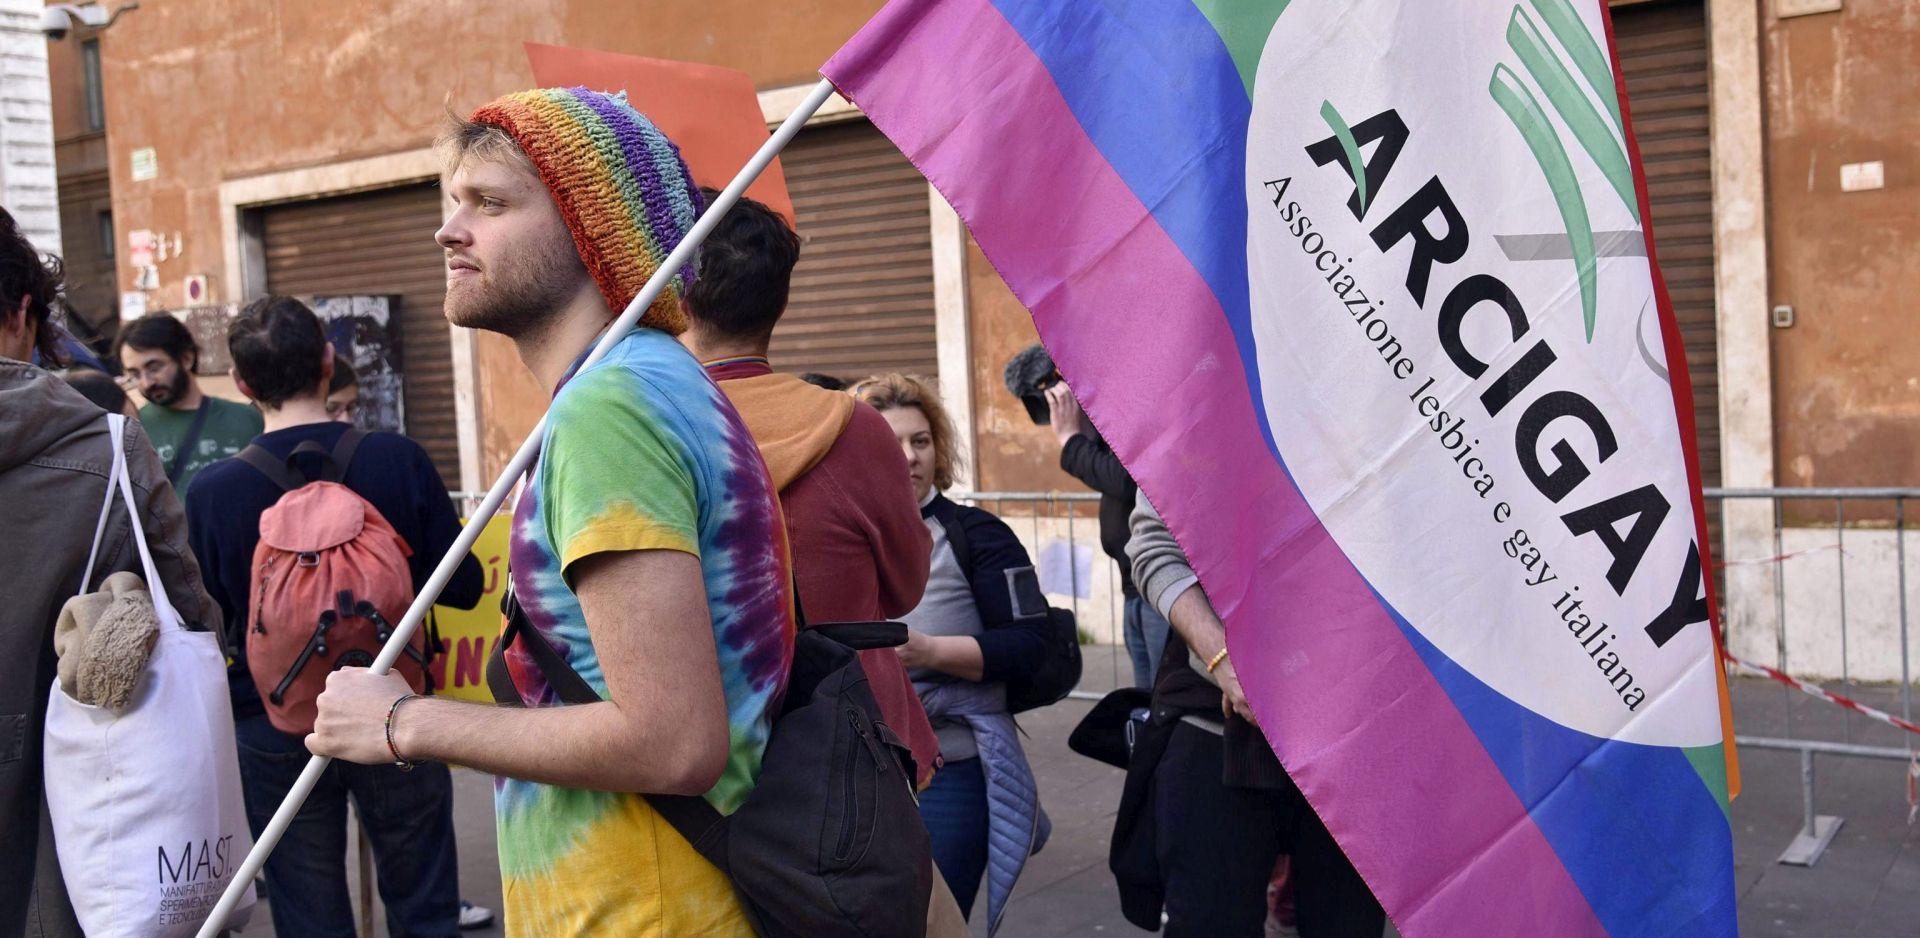 ITALIJA Parlament odobrio sklapanje civilne zajednice za istospolne parove